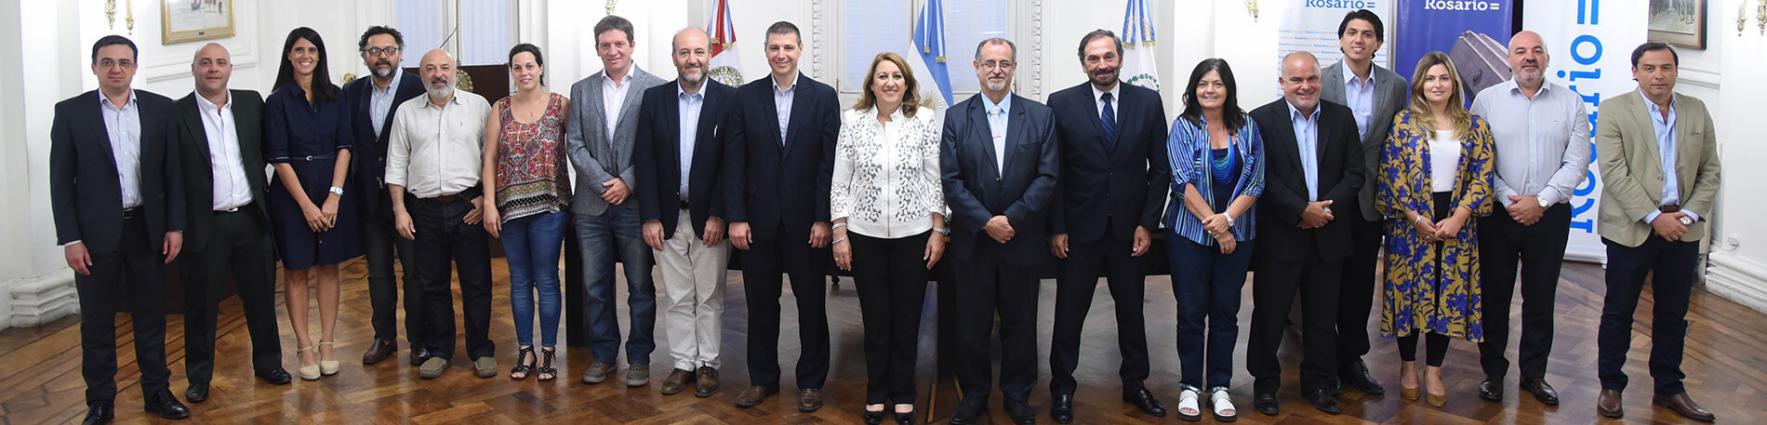 Nuevos integrantes del gabinete municipal